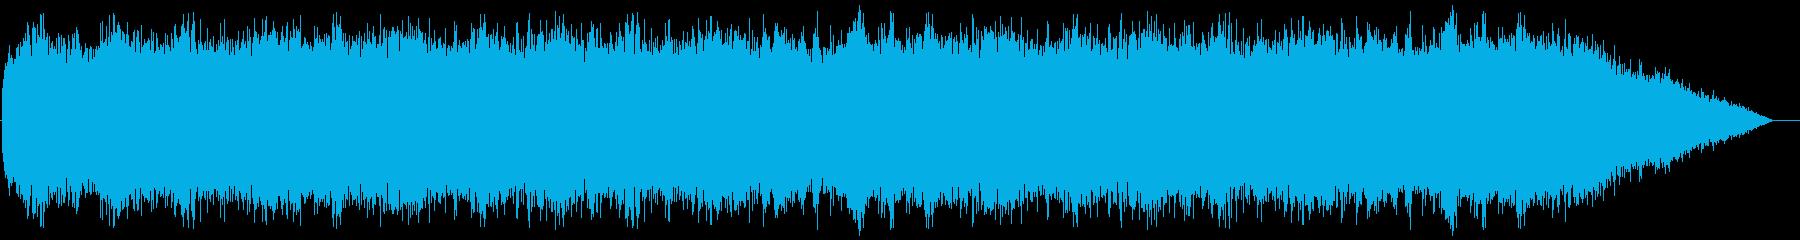 ジングル - 神の息吹の再生済みの波形